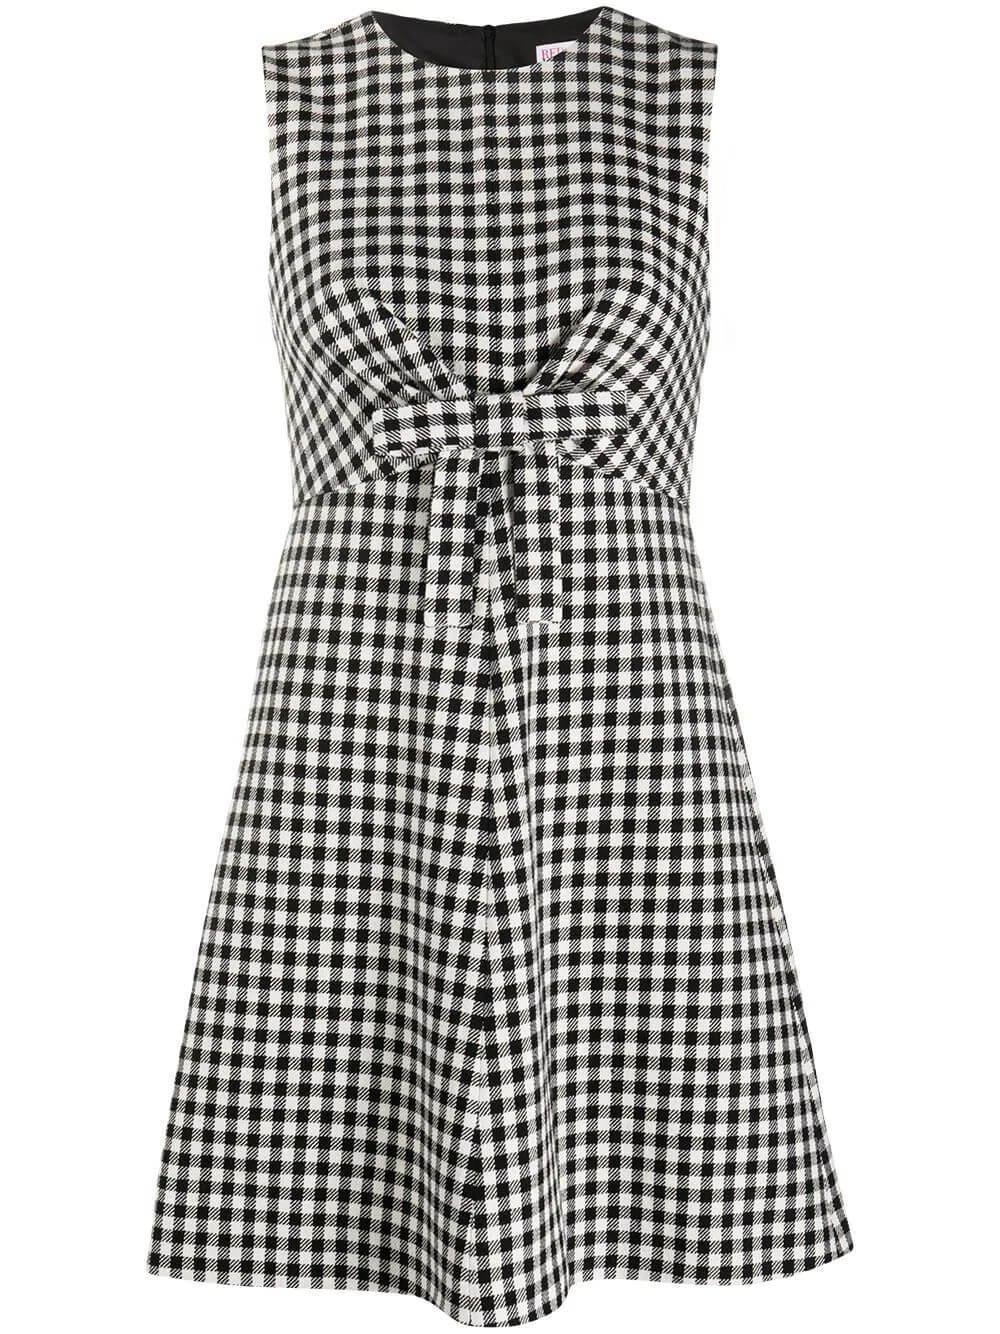 Plaid Dress With Bow Detail Item # UR3VAR9055V